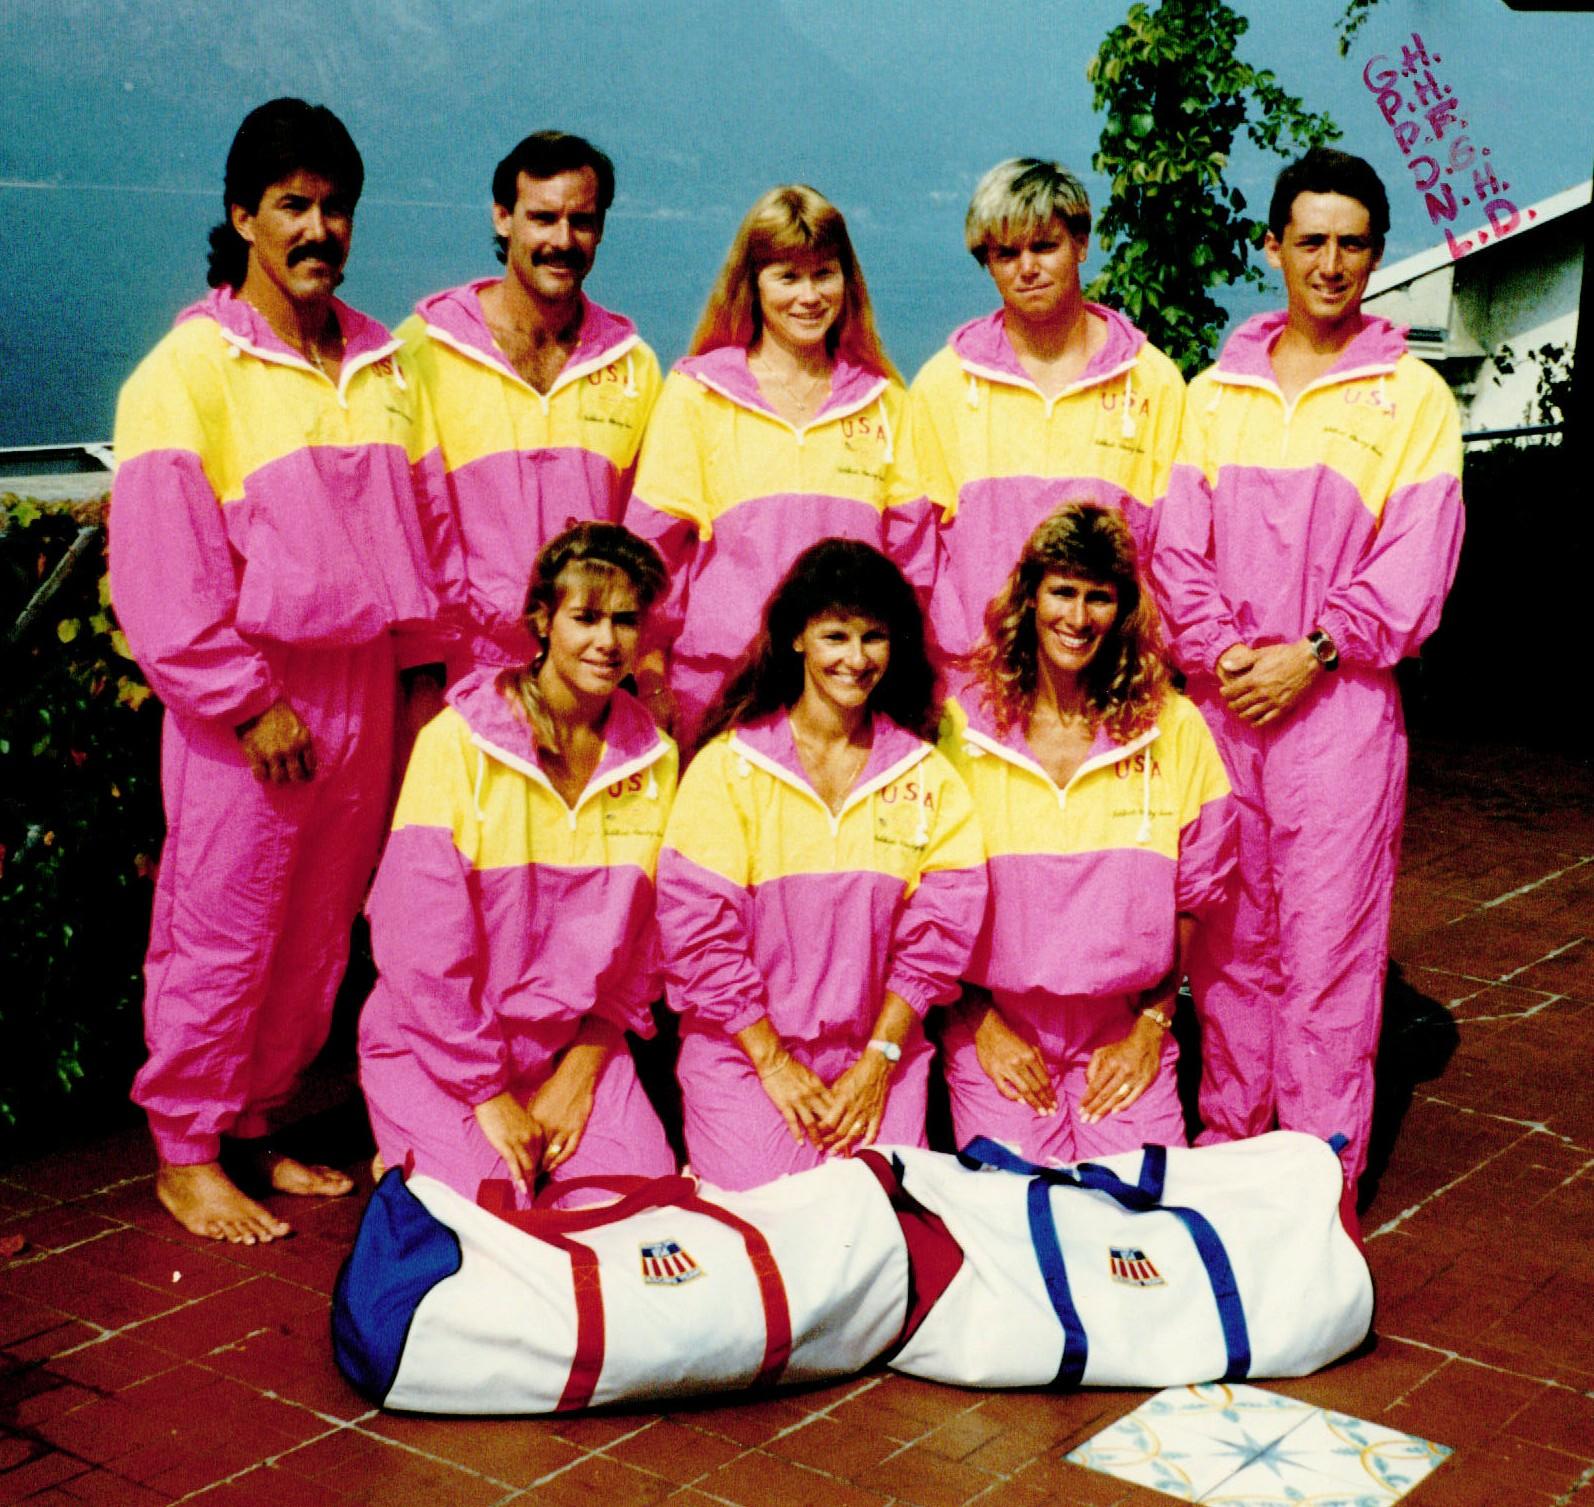 1989 Team USA